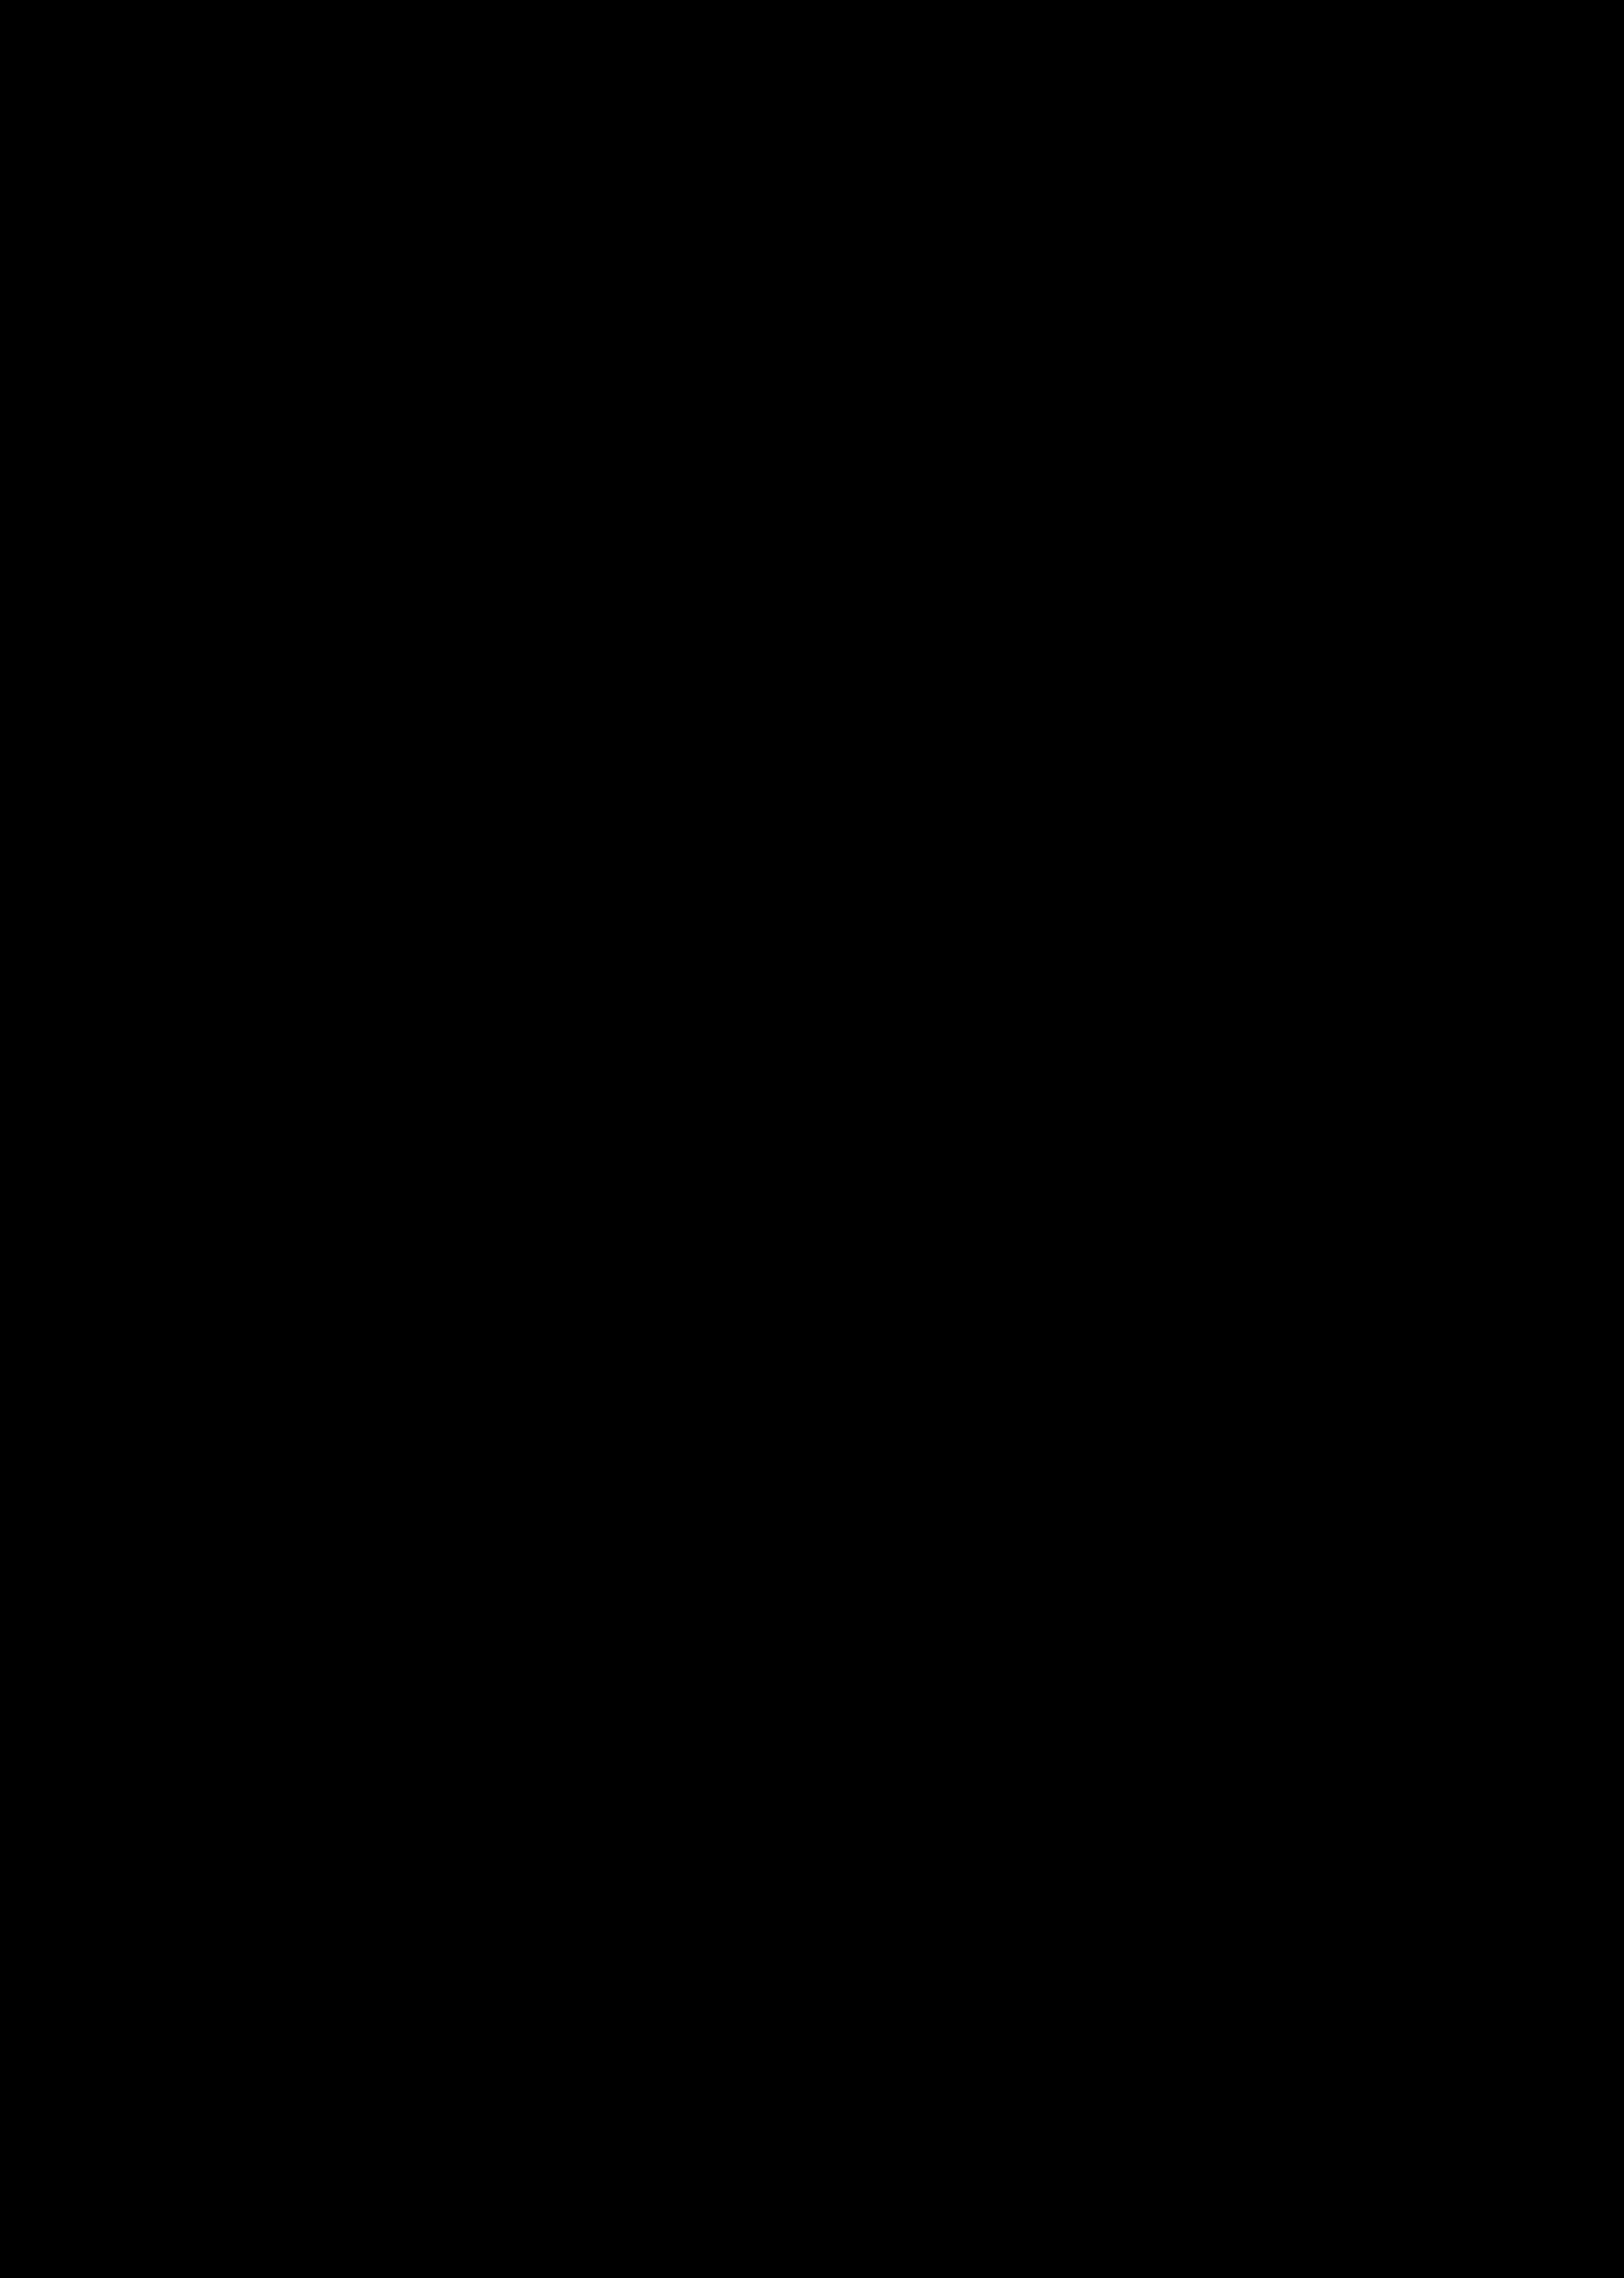 緊急事態宣言発令における営業方針についての画像